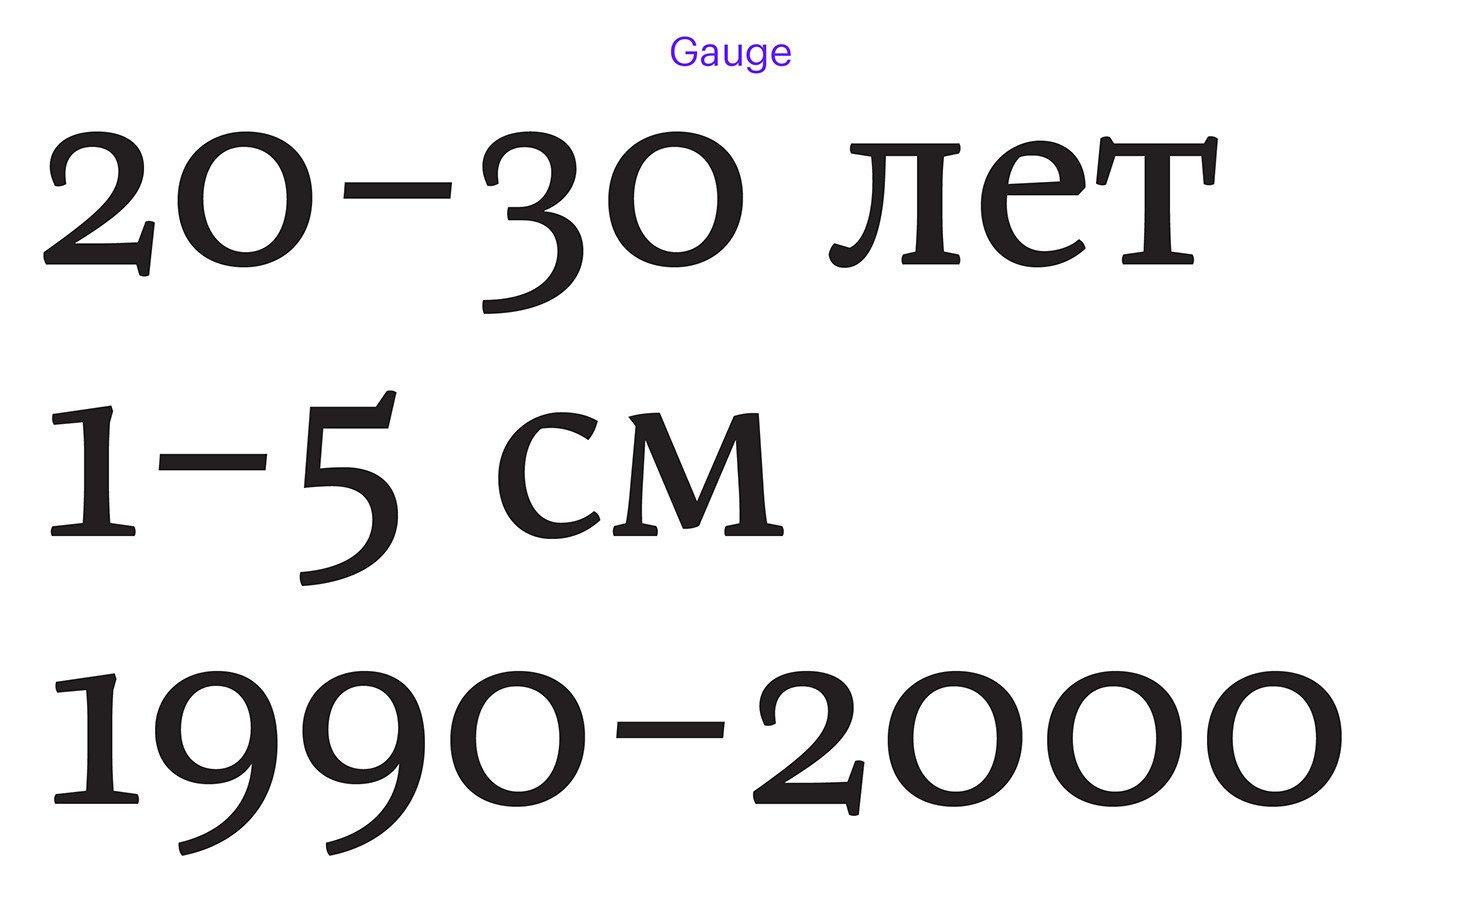 gauge_endash-09